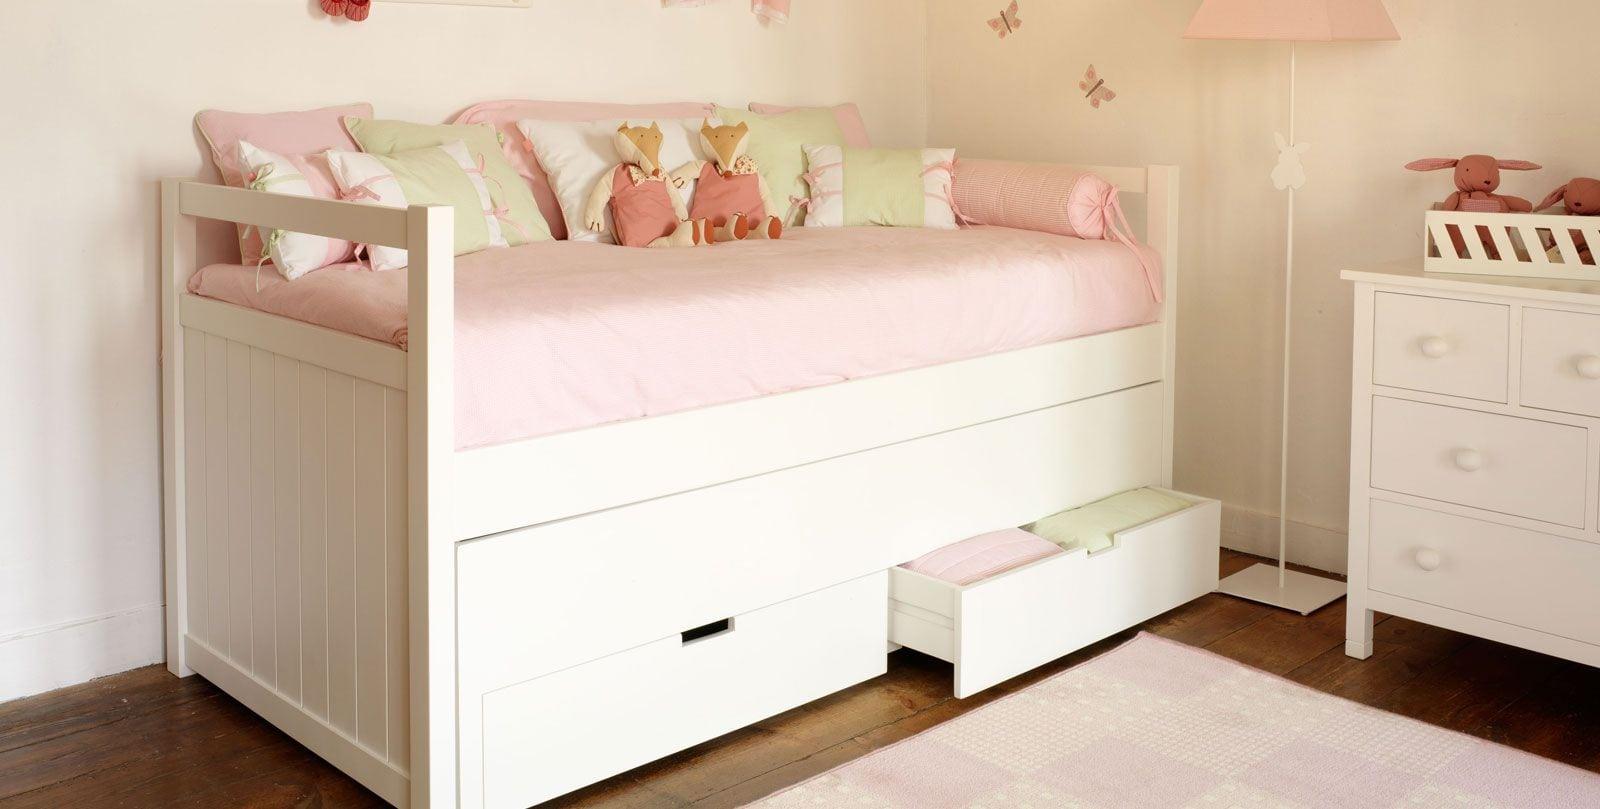 Las opciones que existen al comprar cama nido colch n expr s for Cama nido de tres camas